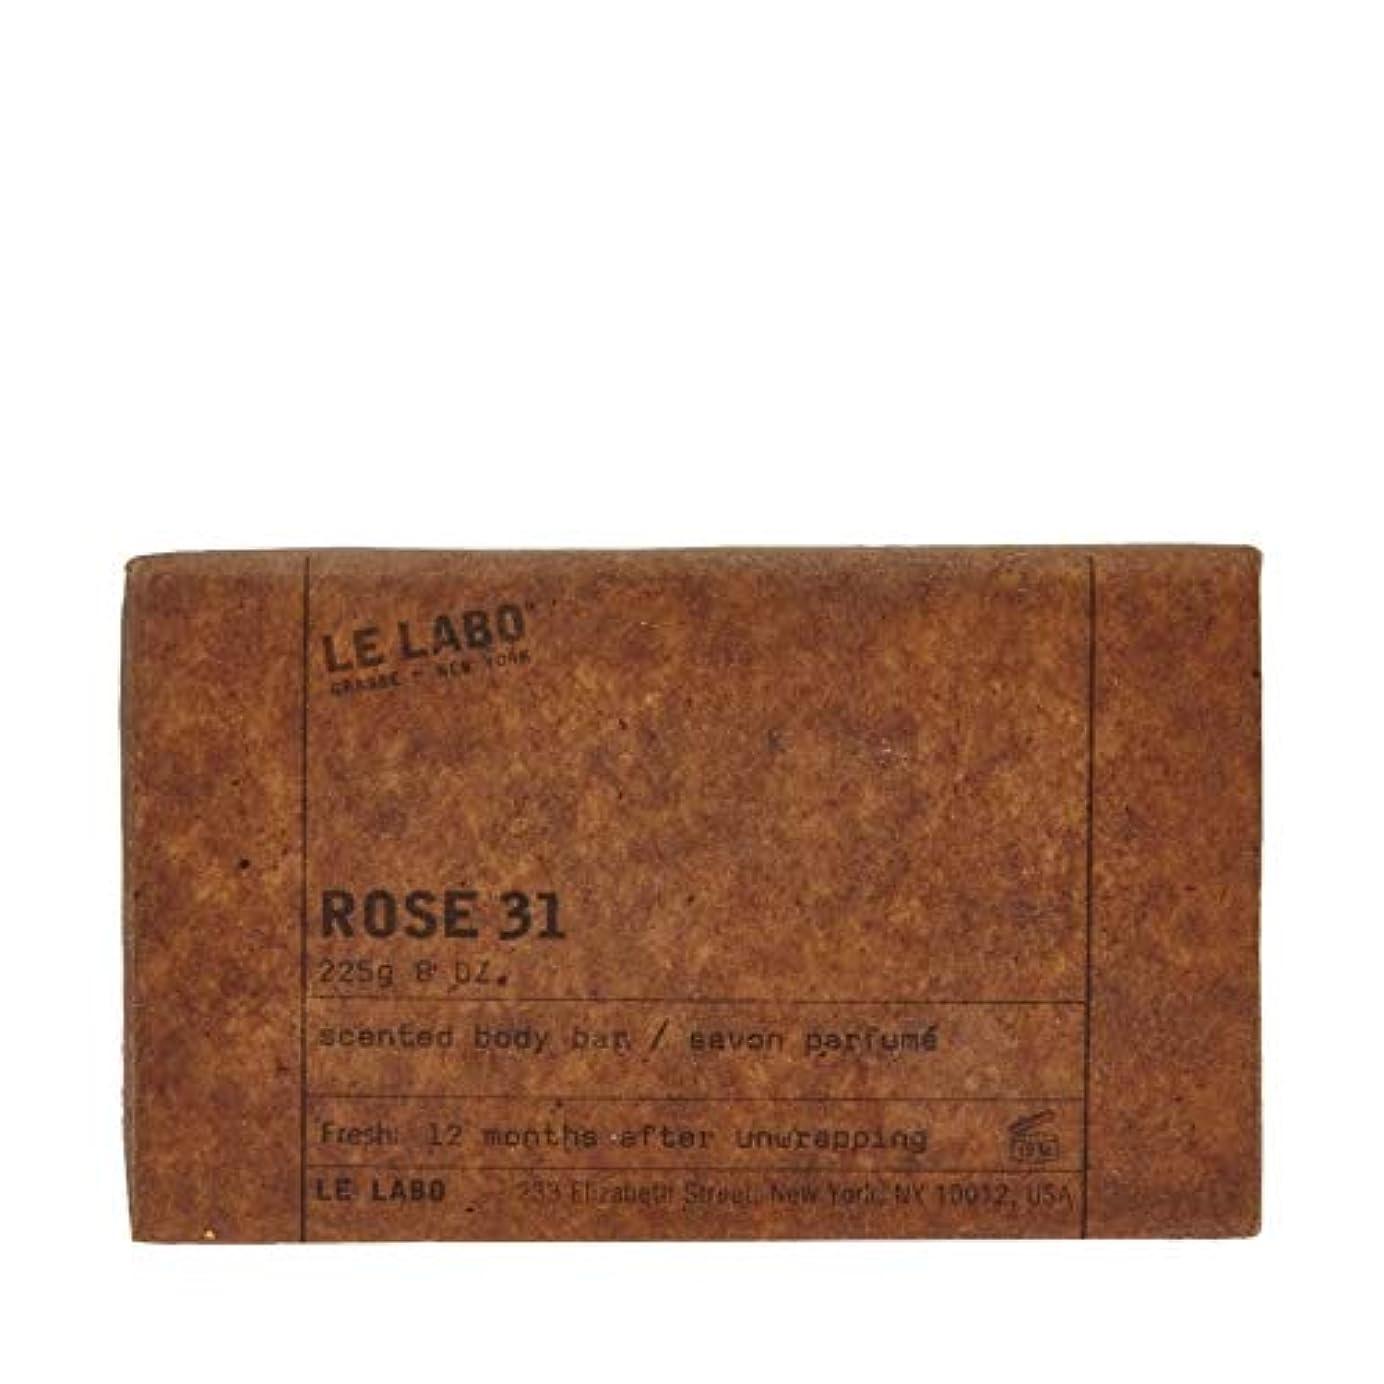 合法リングペイン[Le Labo ] ル?ラボルラボ31石鹸の225グラムをバラ - Le Labo Le Labo Rose 31 Soap 225g [並行輸入品]